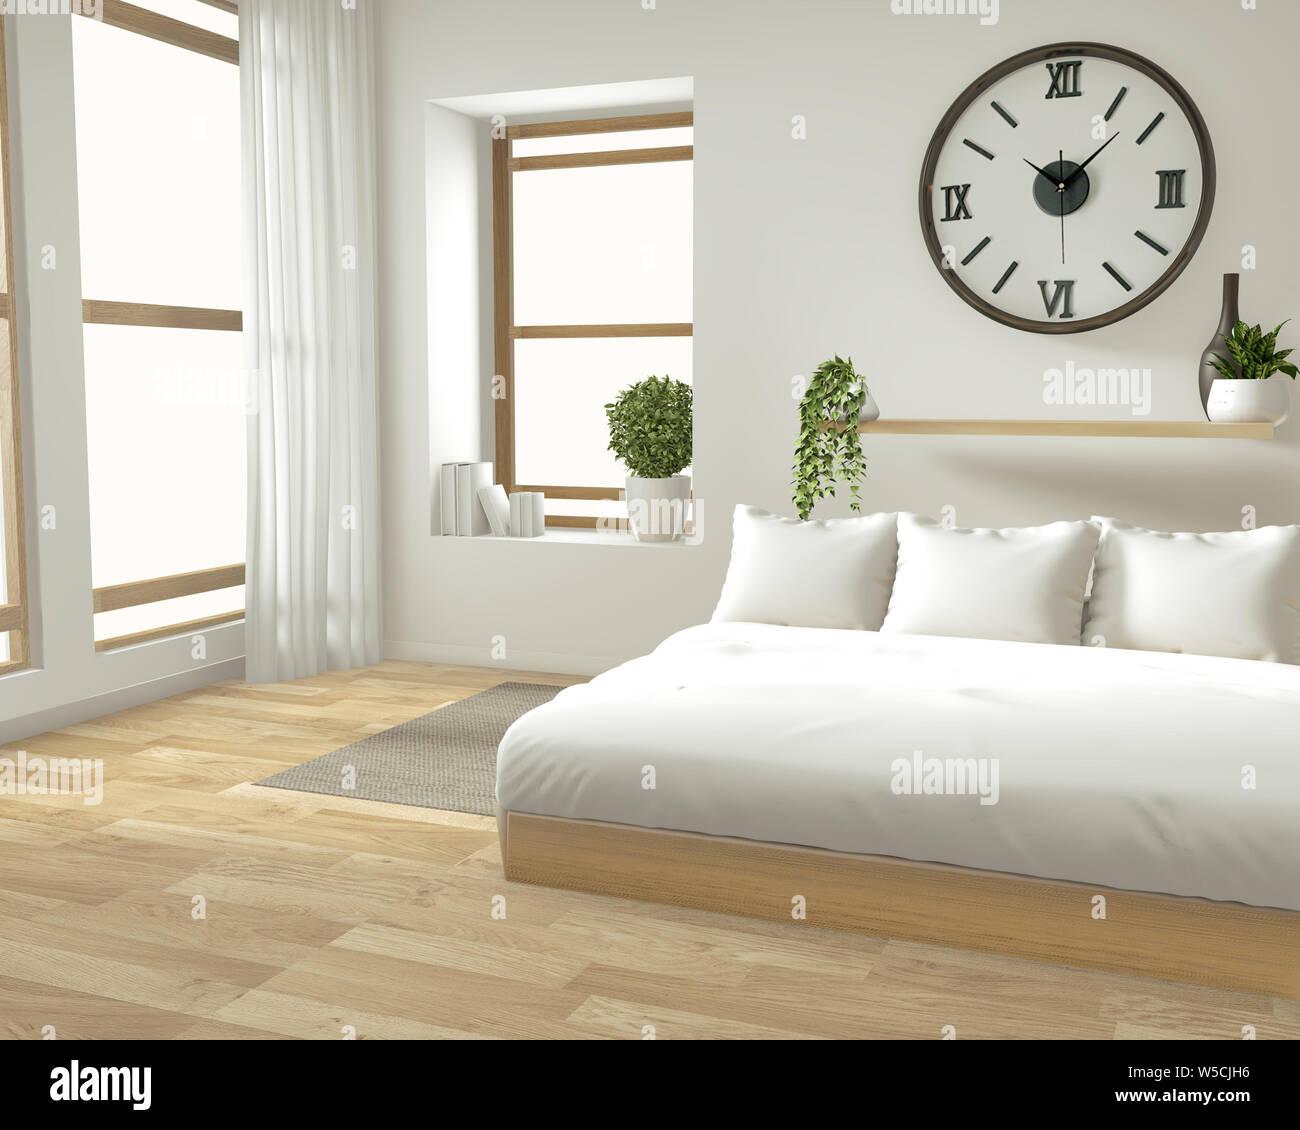 Home Interior Wall Mock Up Mit Bett Aus Holz Vorhangen Und Dekoration Im Japanischen Stil In Zen Schlafzimmer Minimalem Design 3d Rendering Stockfotografie Alamy